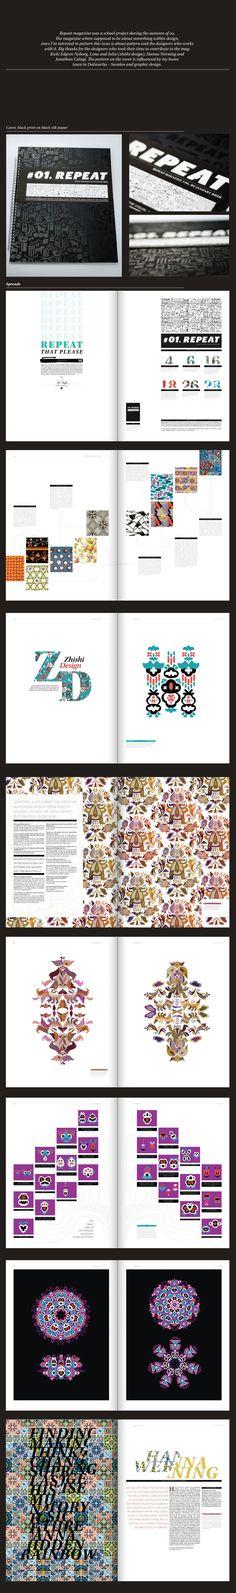 70 Exemplos de design editorial | Choco la Design